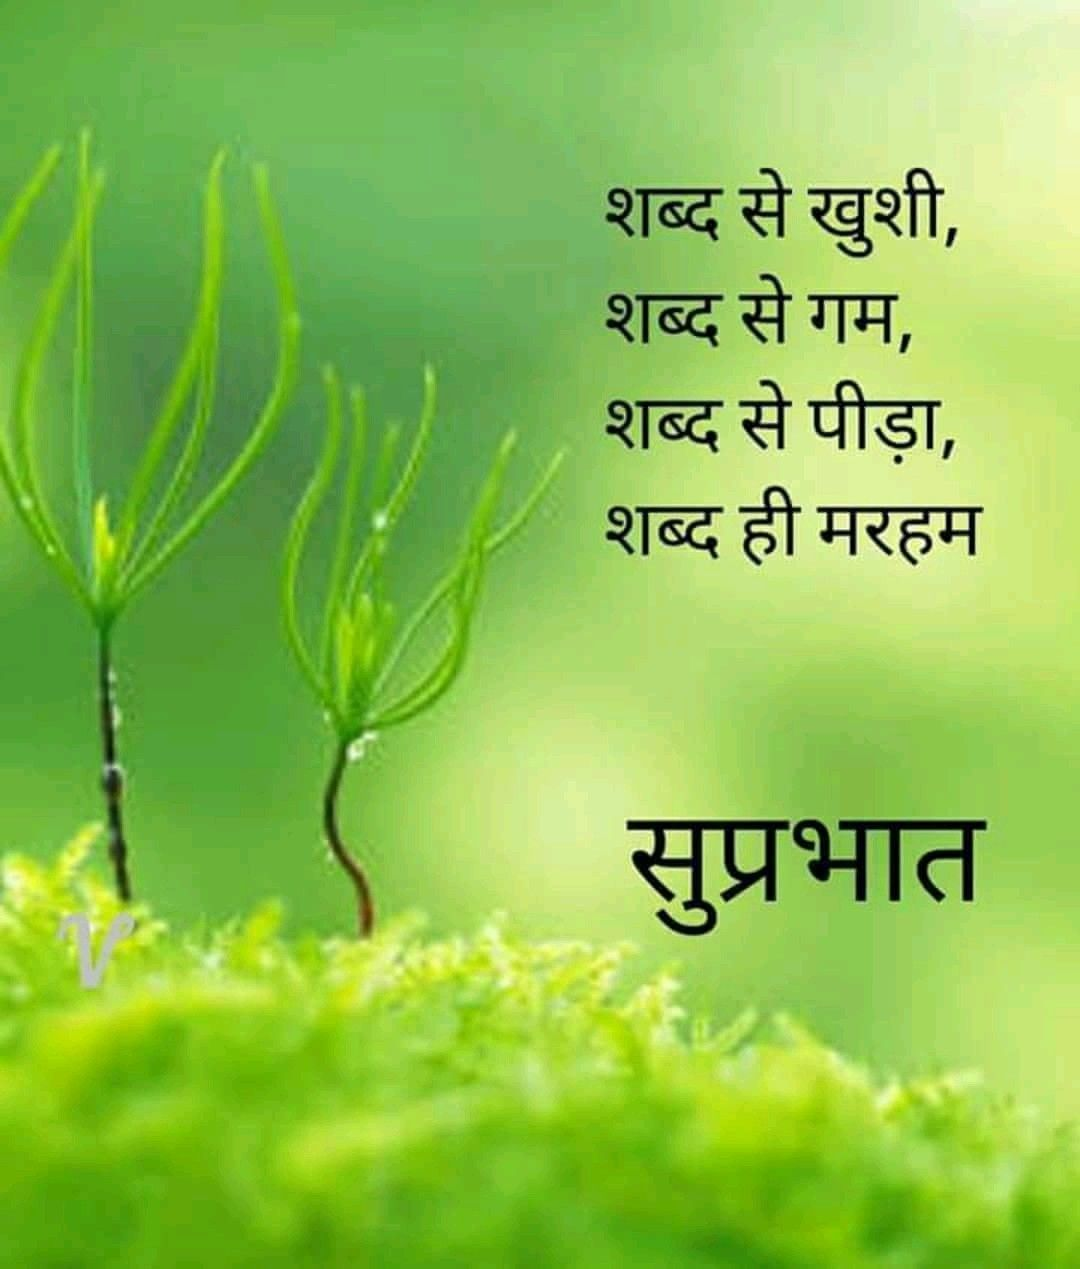 Good morning  Hindi good morning quotes, Good morning quotes